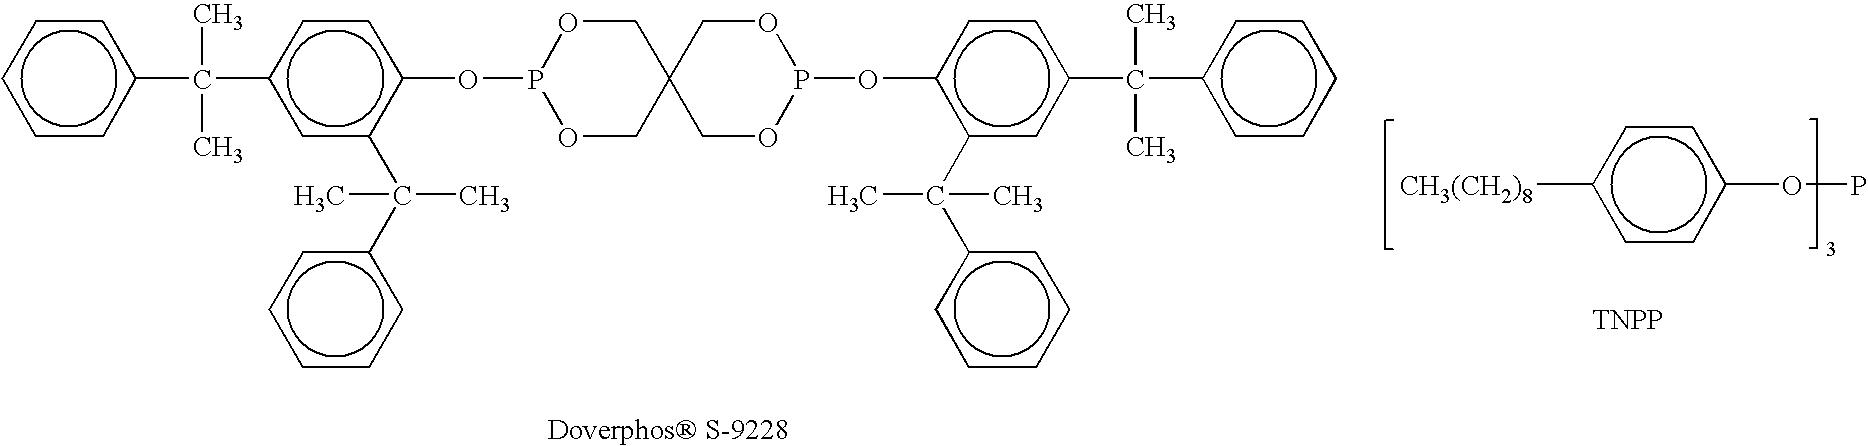 Figure US20040164279A1-20040826-C00019